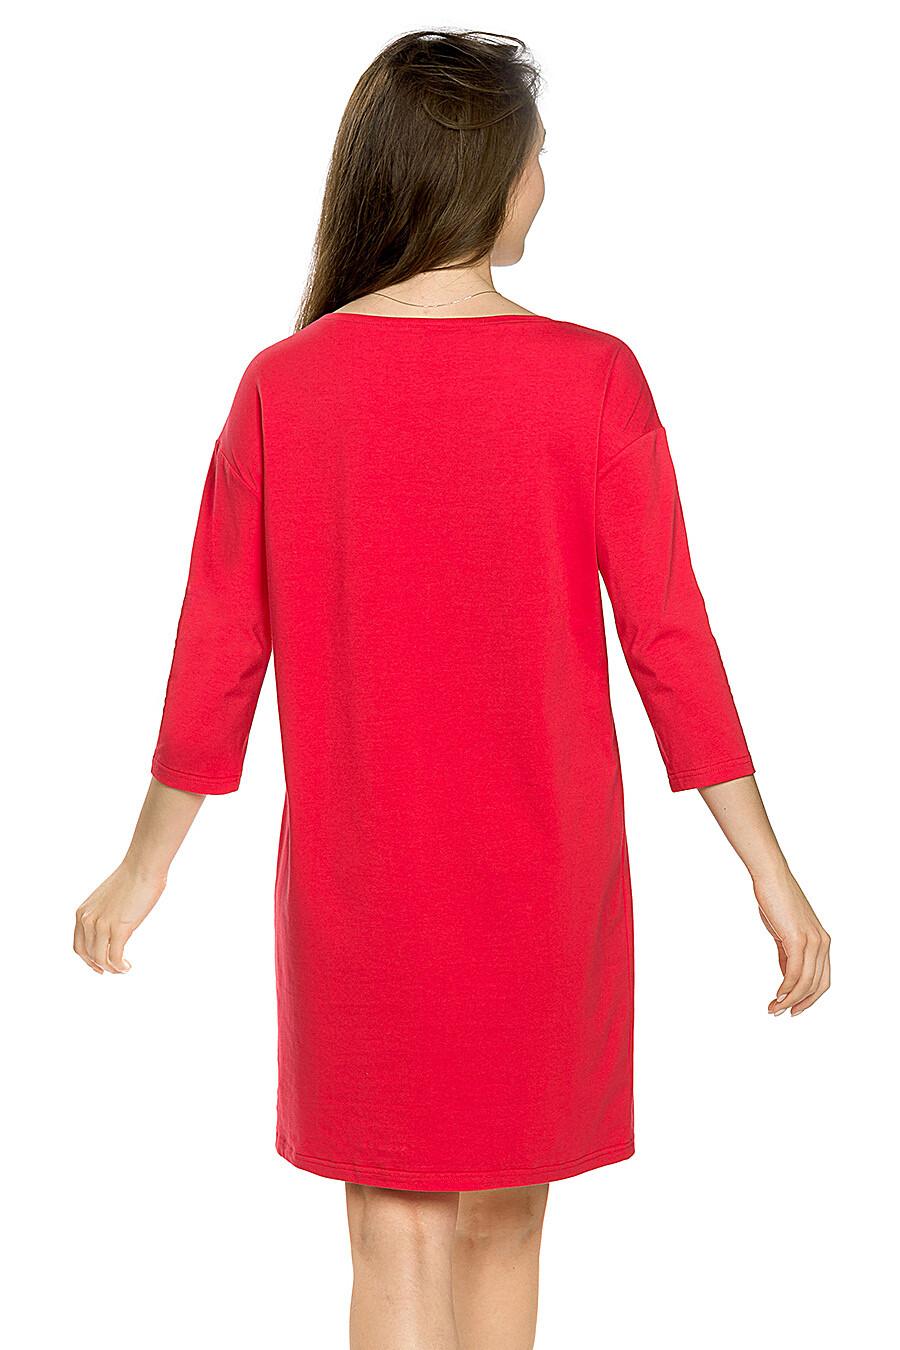 Платье PELICAN (161481), купить в Moyo.moda